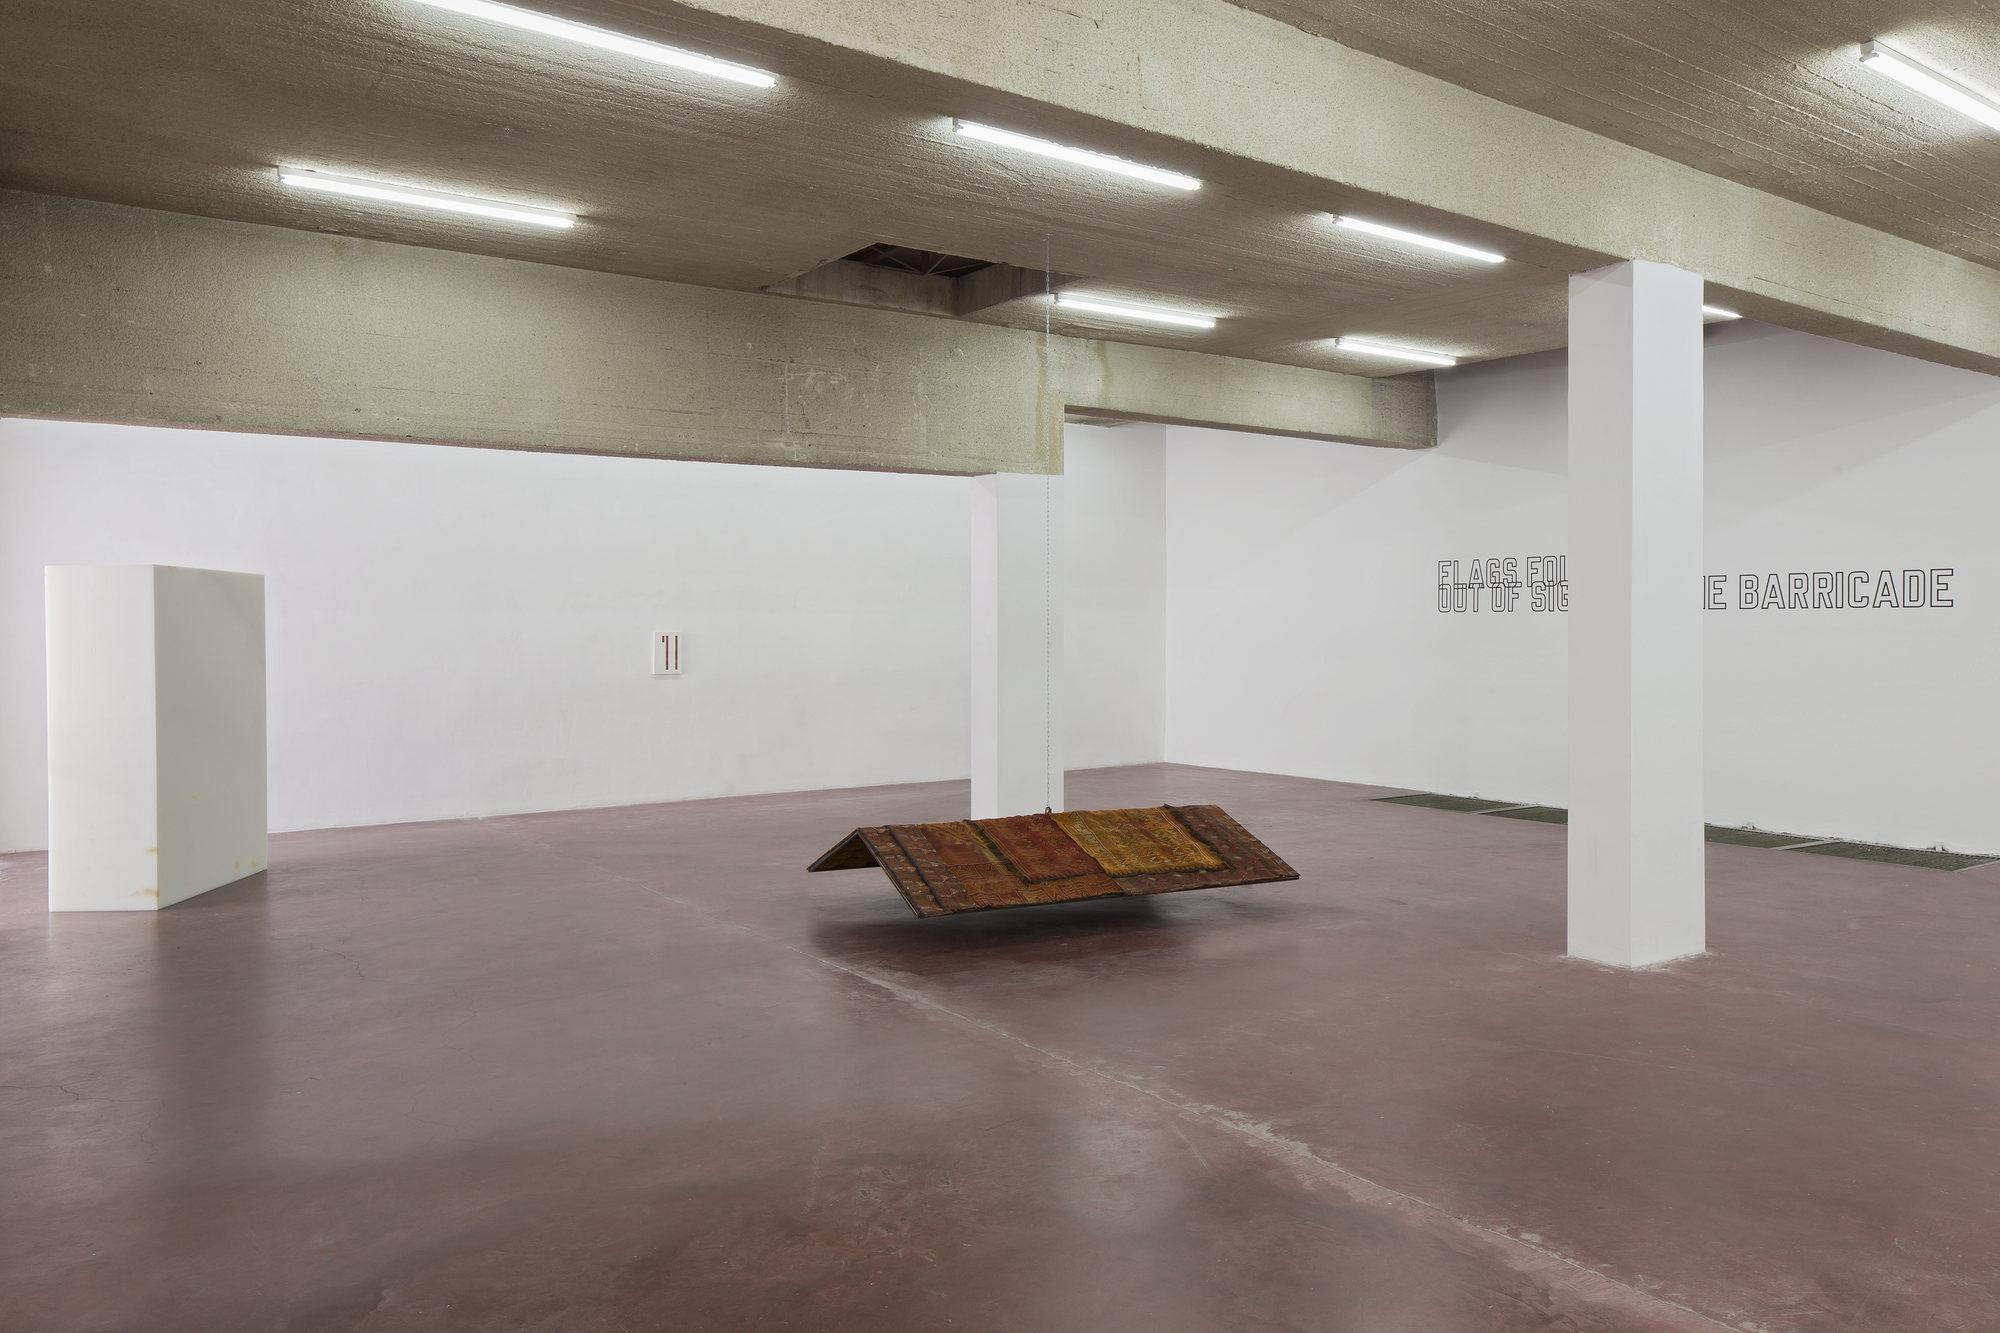 Shibboleth, 2015, Exhibition View, Floor -1